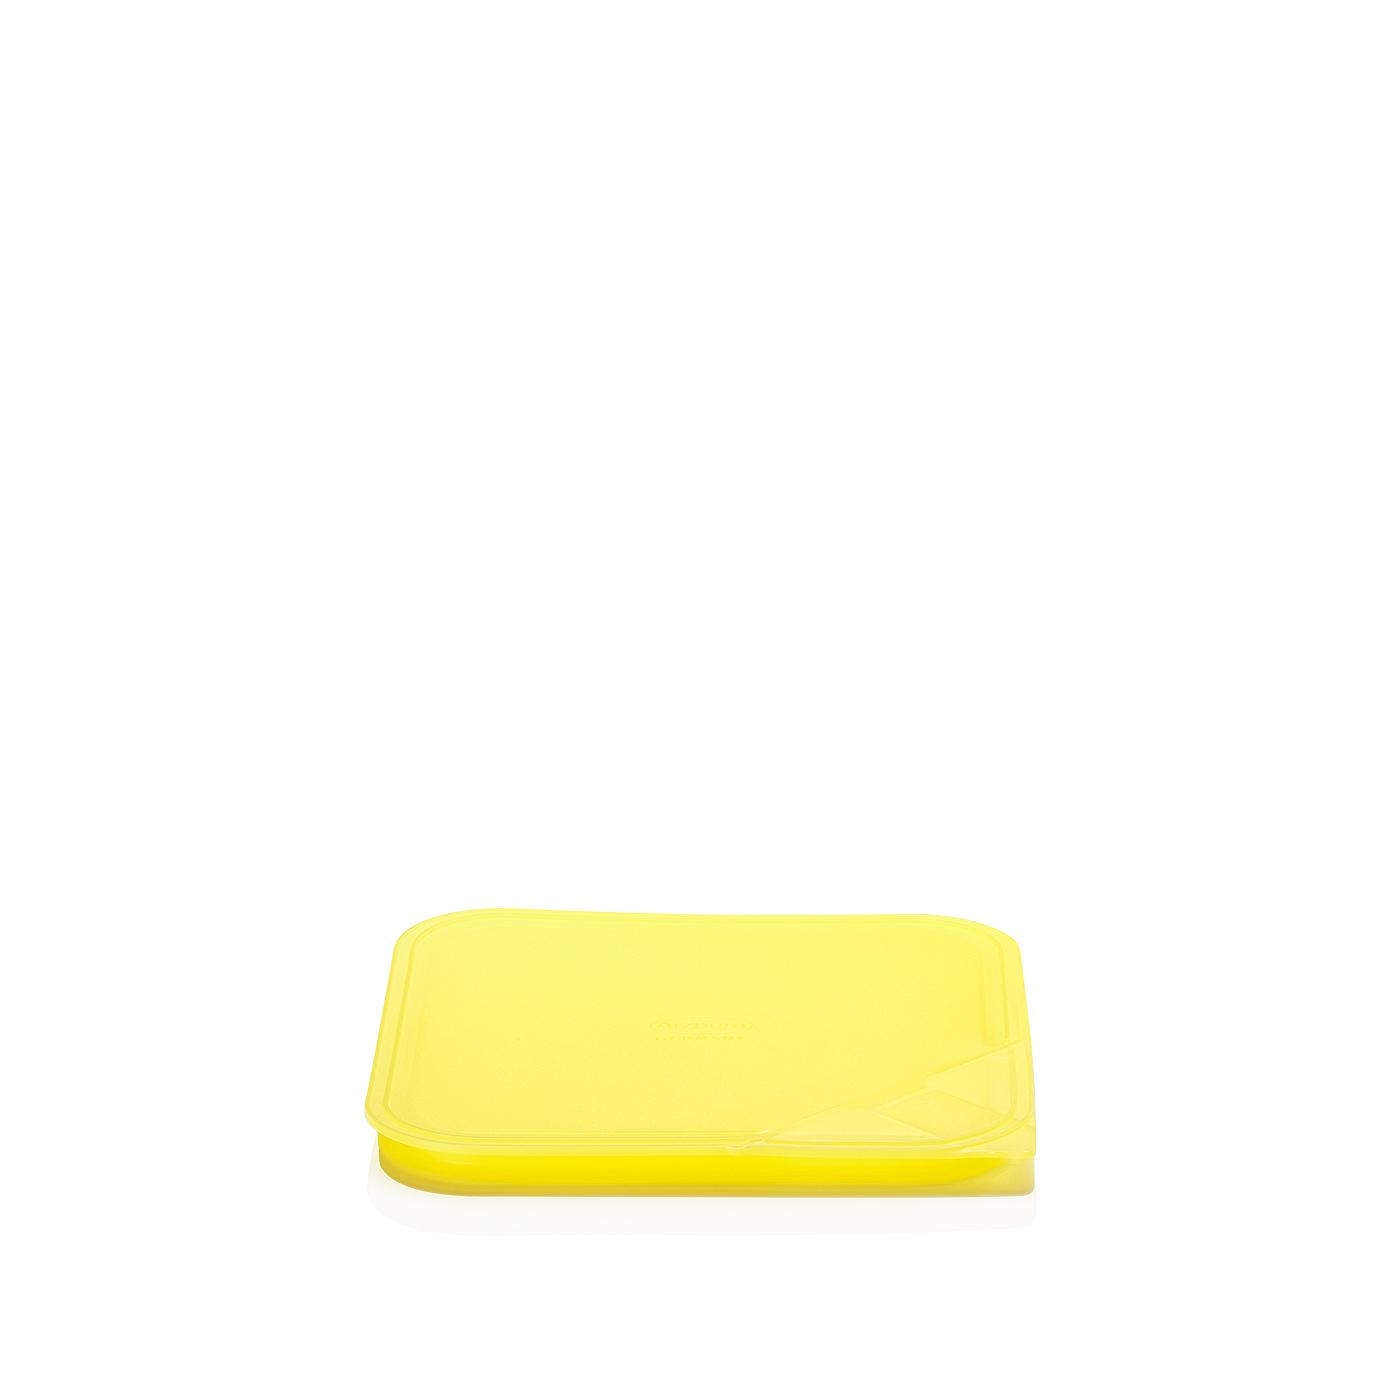 Aromadeckel quadratisch 18 cm Küchenfreunde Kunststoff gelb Arzberg